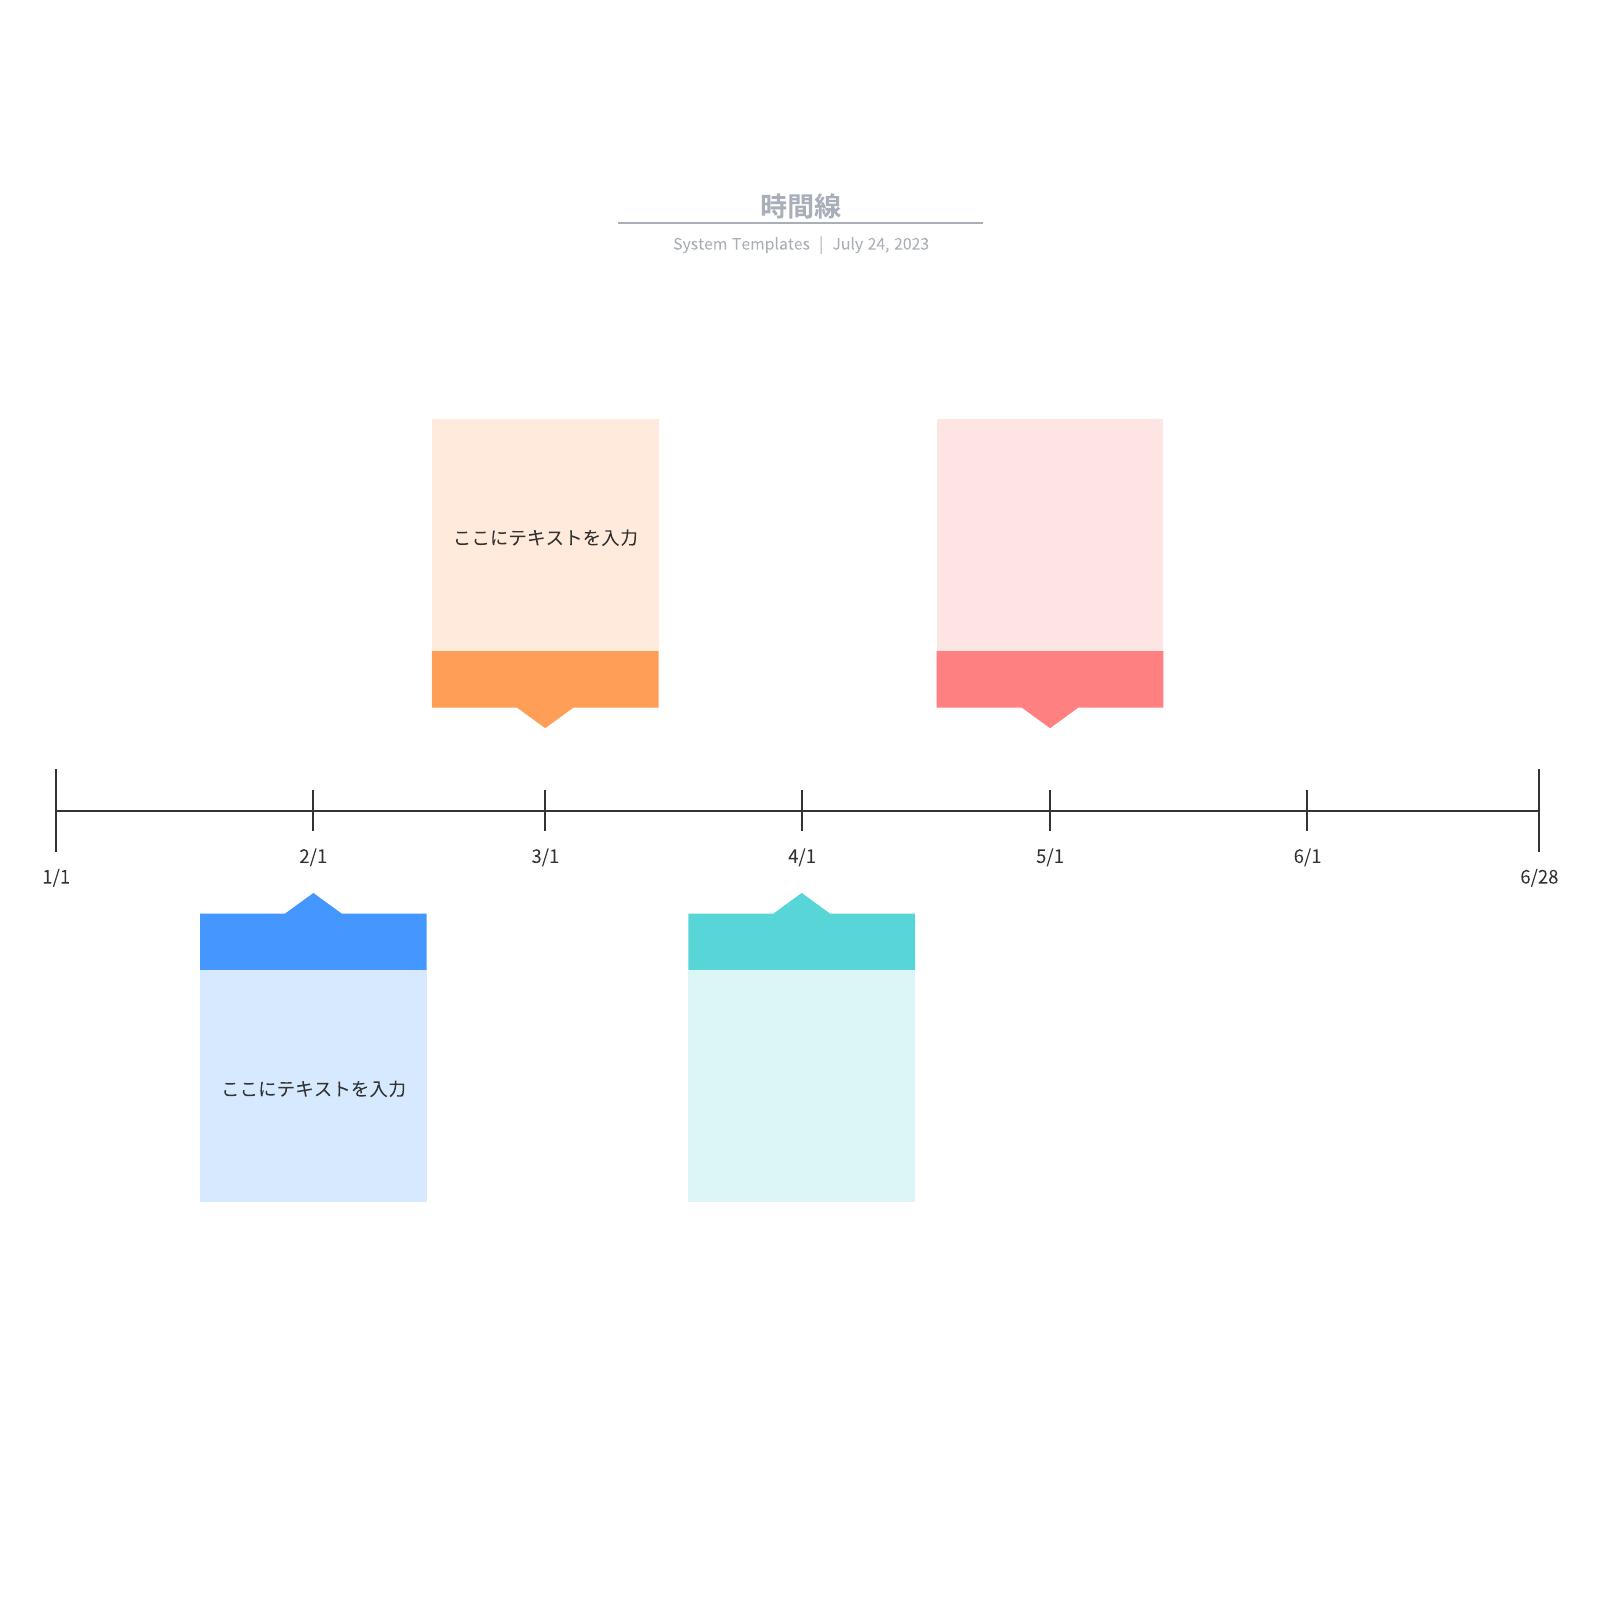 デザイン時に使える年表、スケジュール表のテンプレート